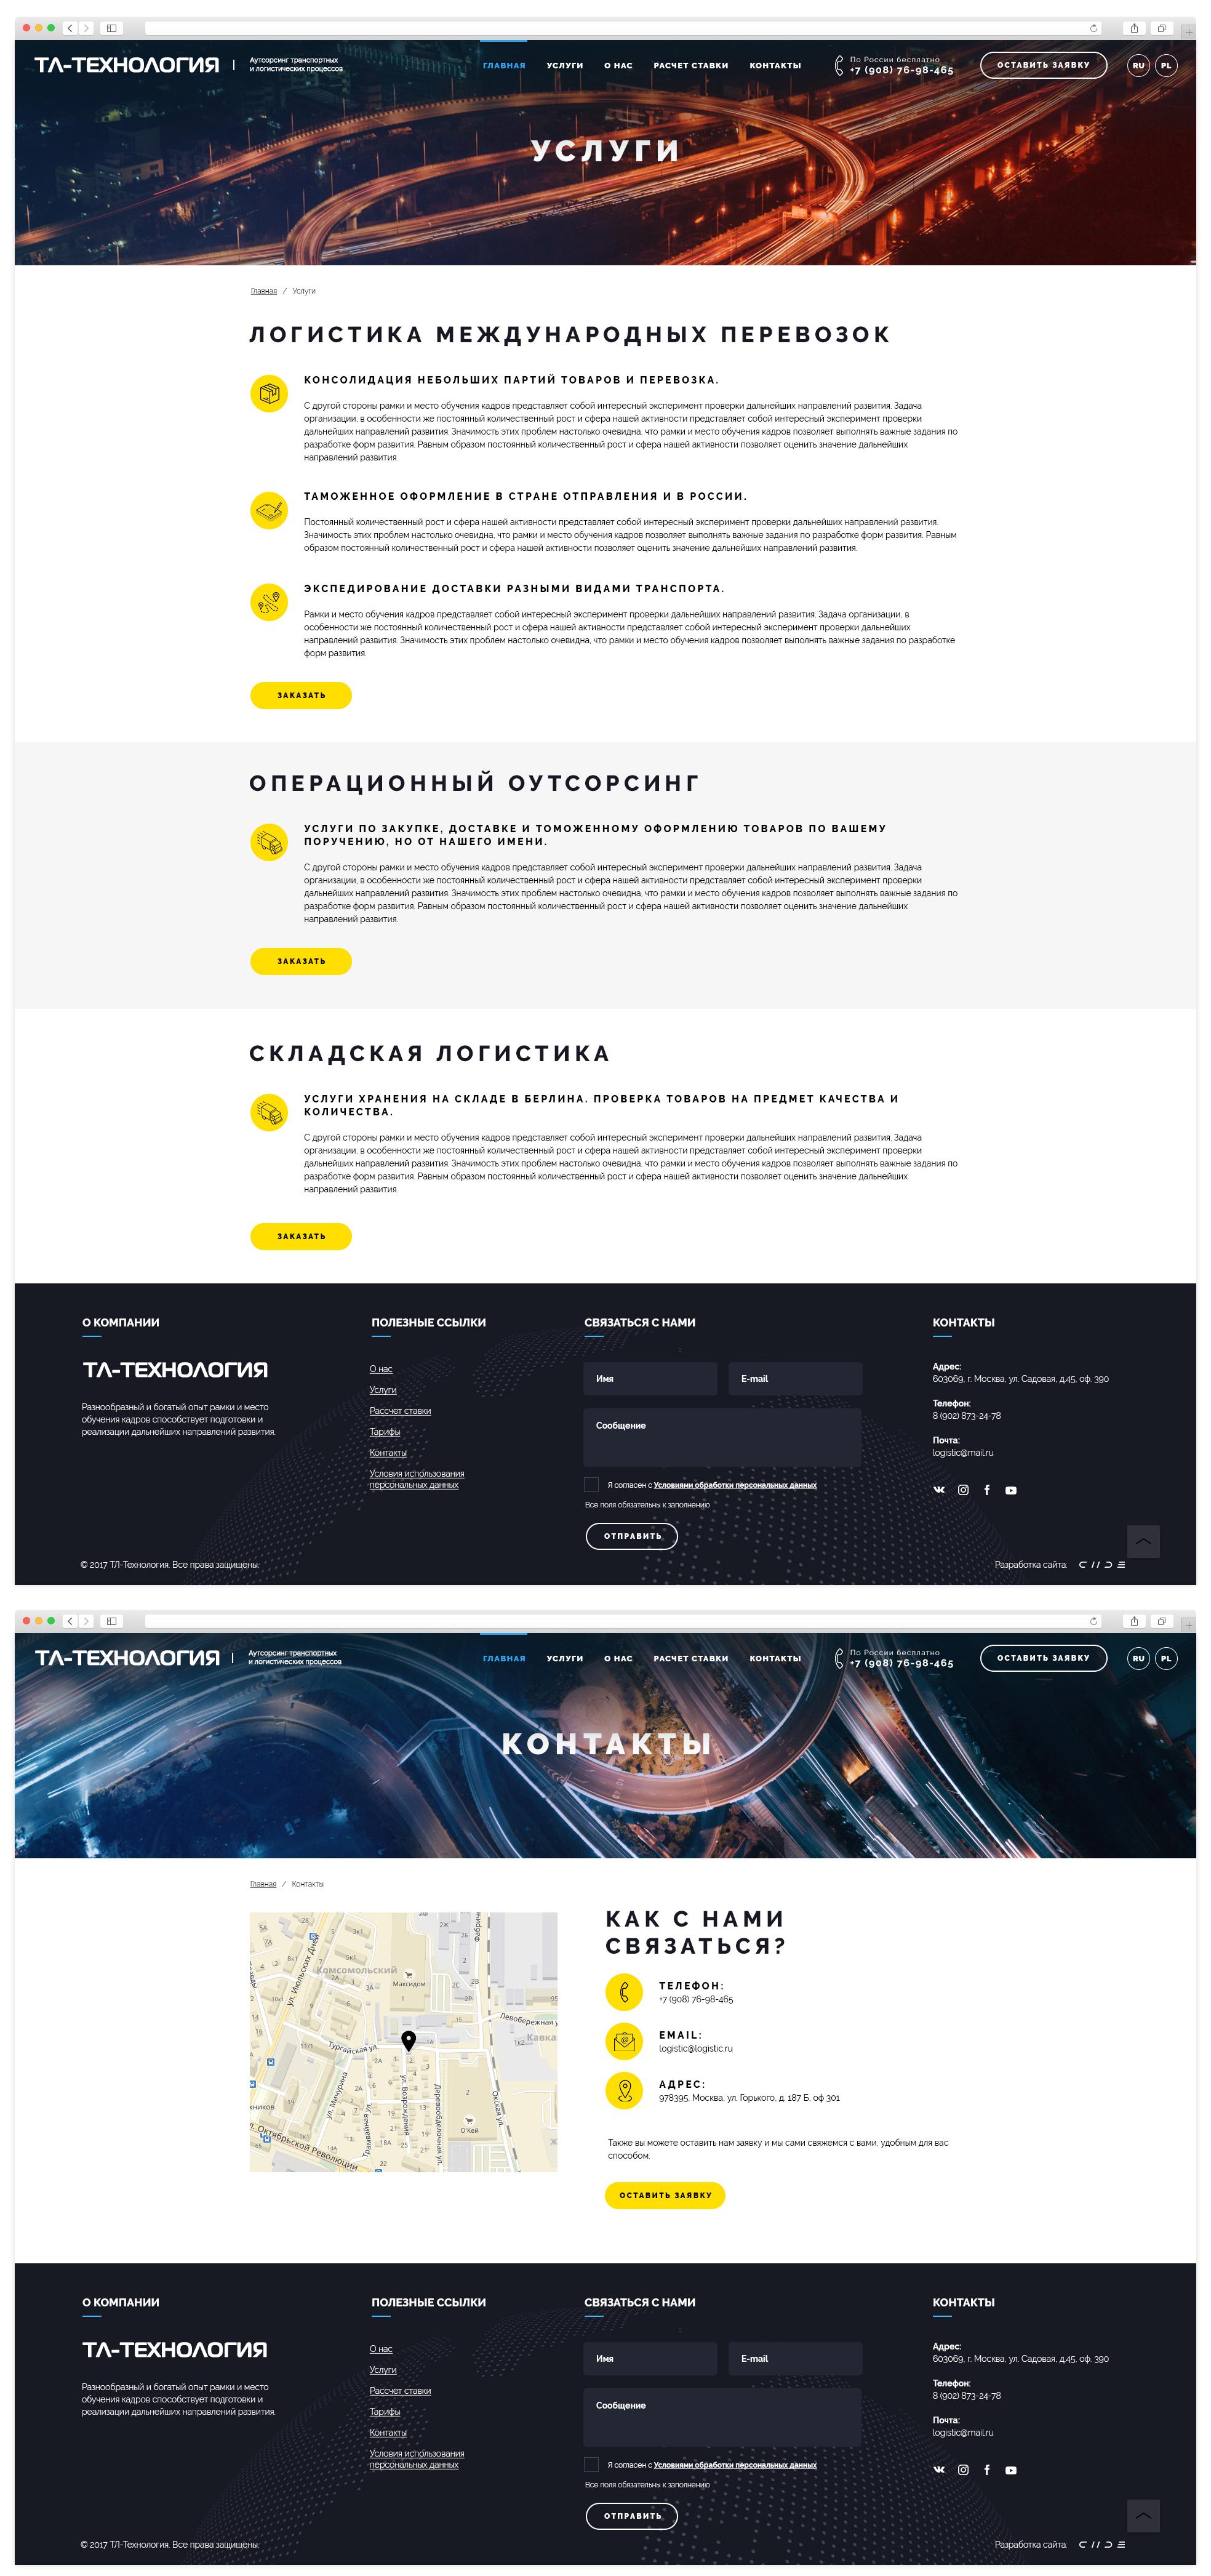 """Дизайн многостраничника транспортно-логистической компании """"ТЛ-Технология"""""""